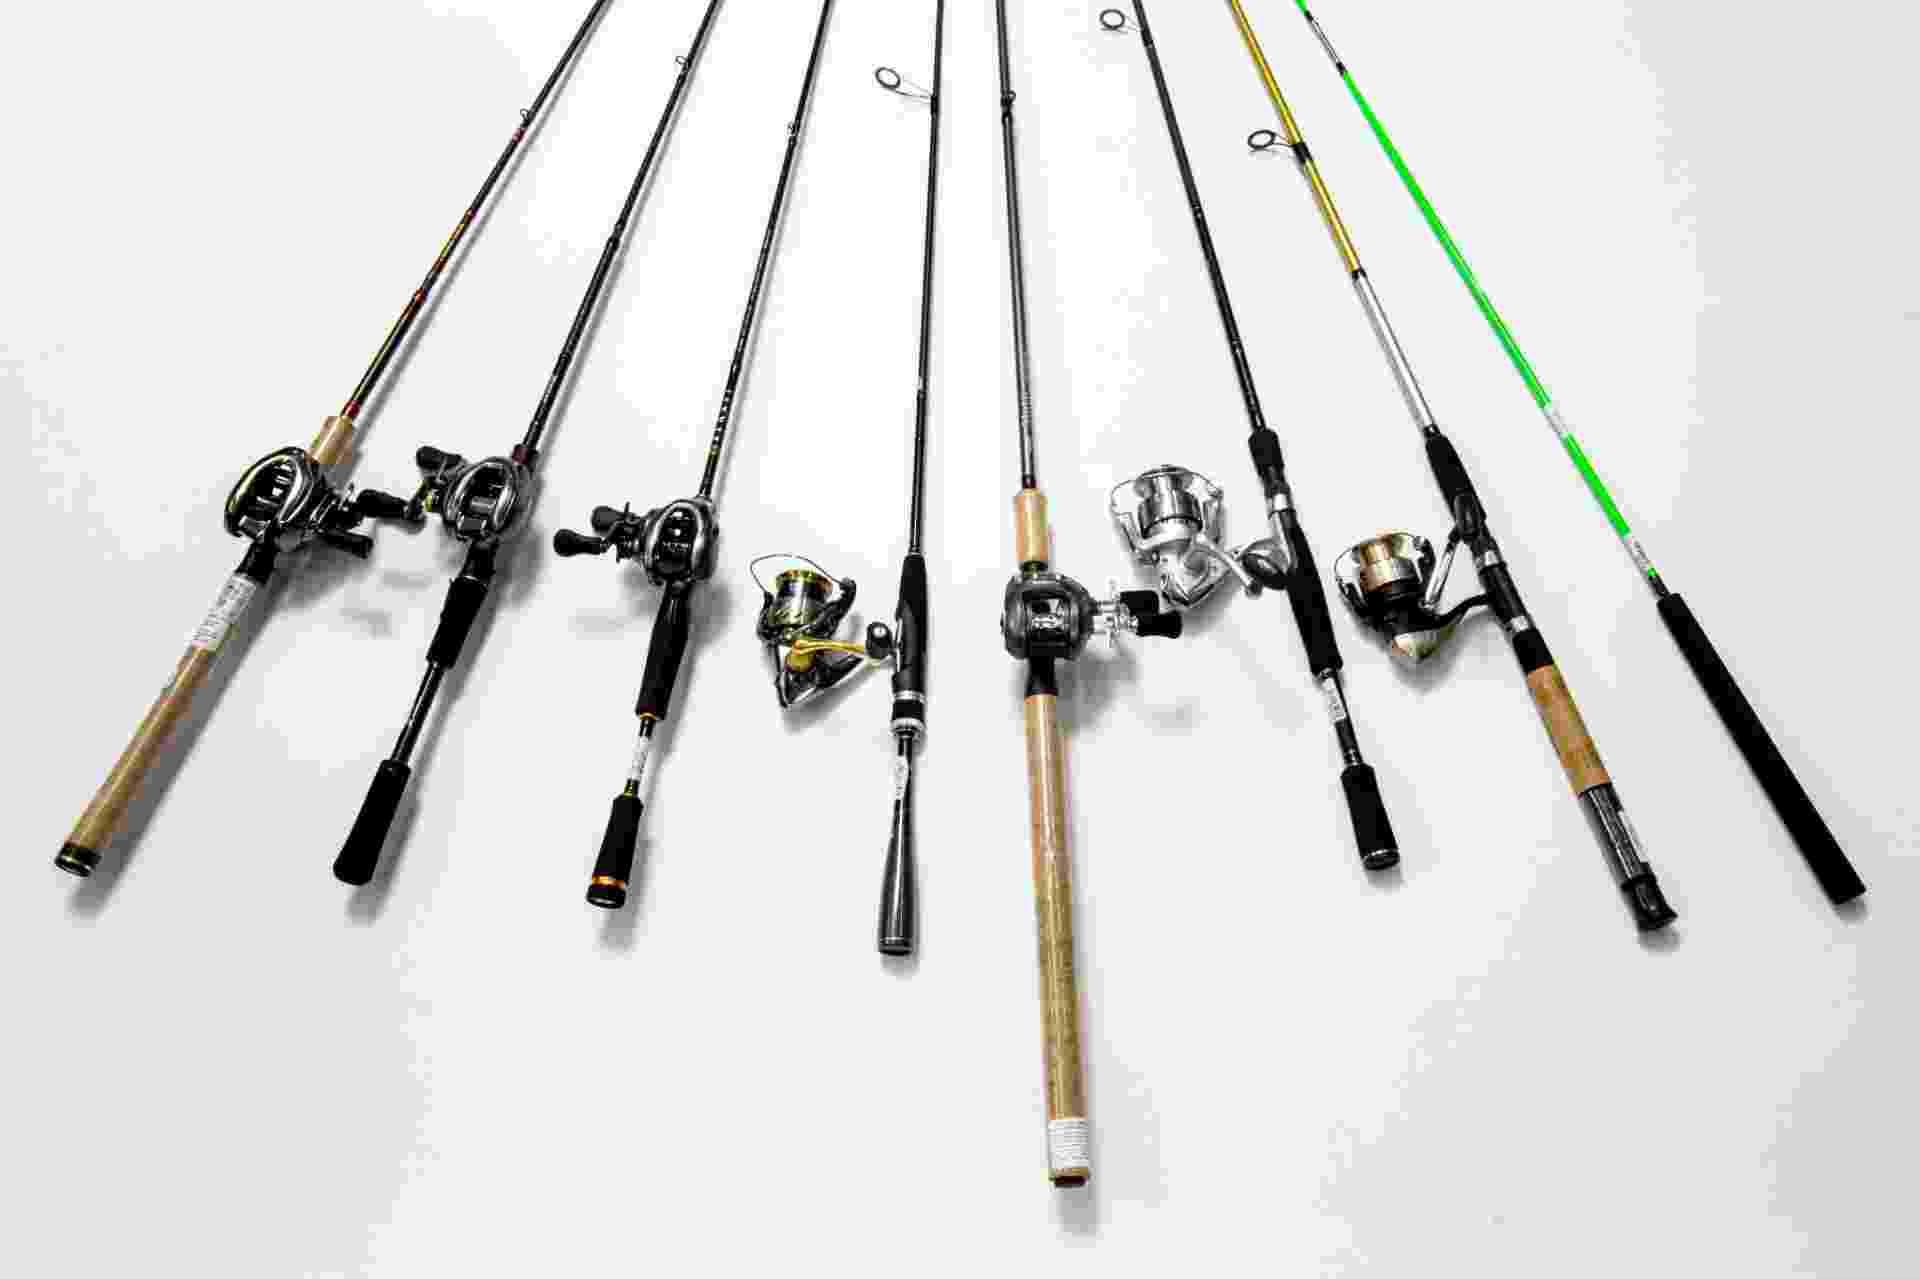 Varas de pescar da loja Sugoi Big Fish - Ricardo Matsukawa/UOL